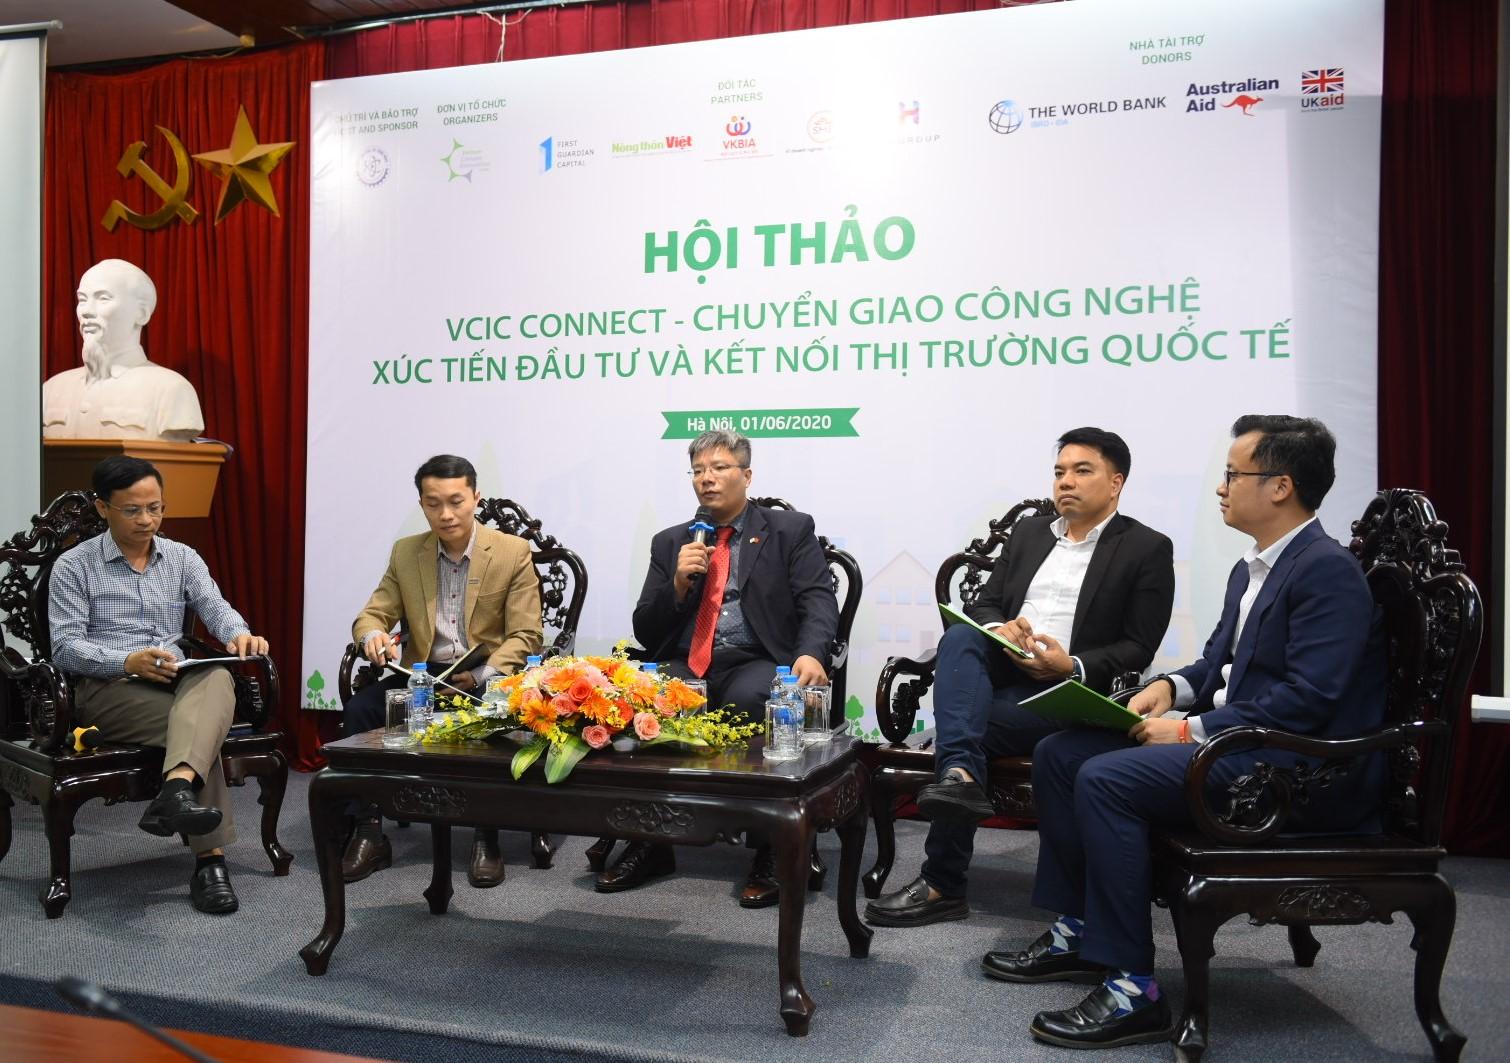 Chuyển giao công nghệ, xúc tiến đầu tư và kết nối thị trường quốc tế